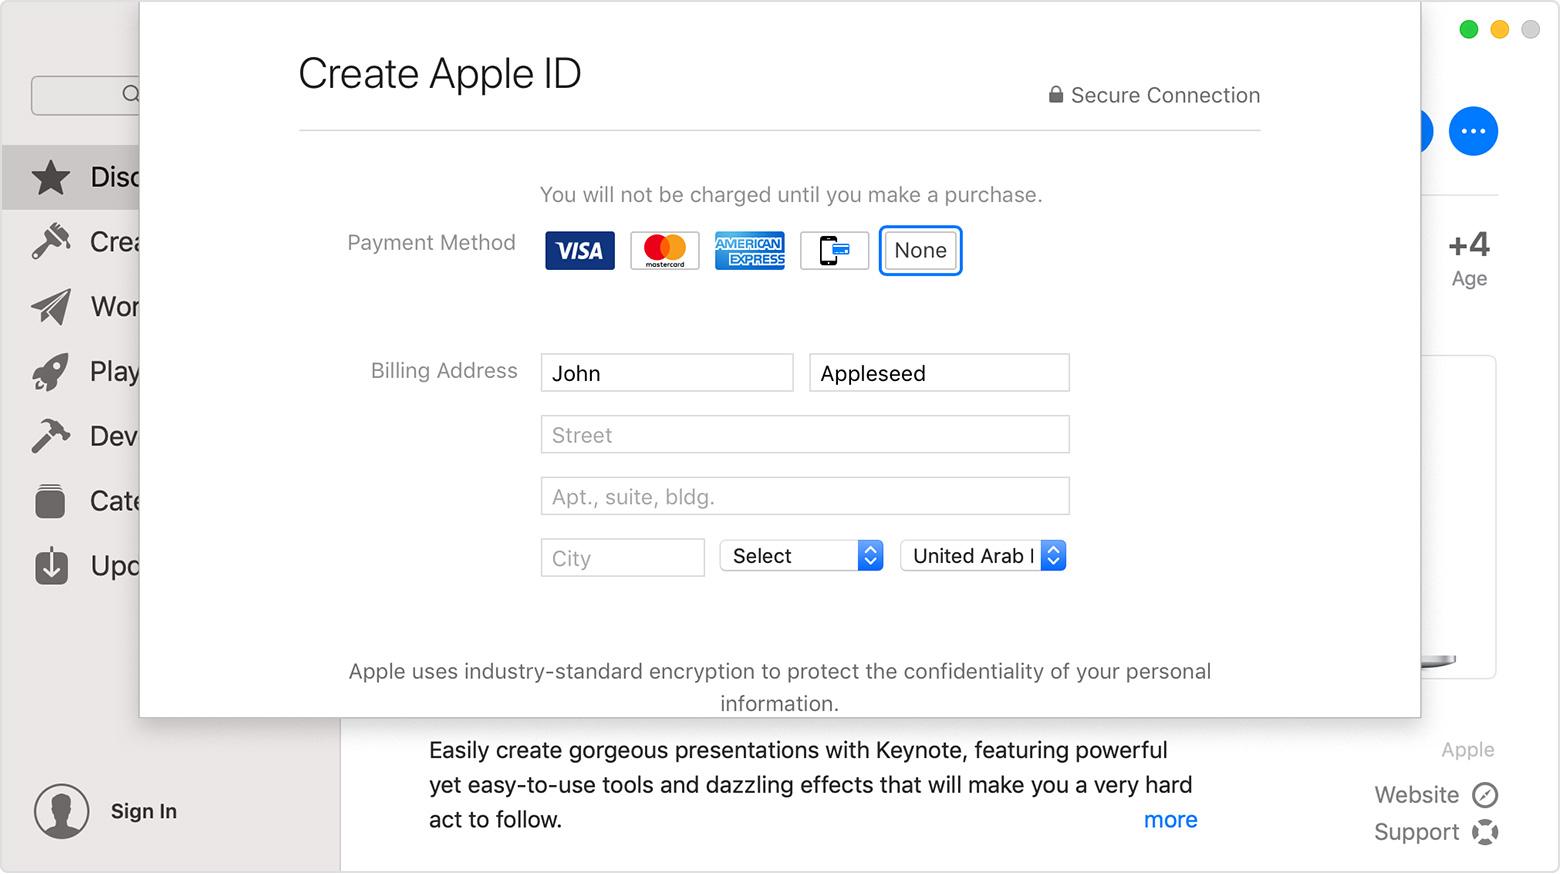 عمل حساب Apple Id امريكي مجاني للدخول الى م جر App Store و نزيل ال